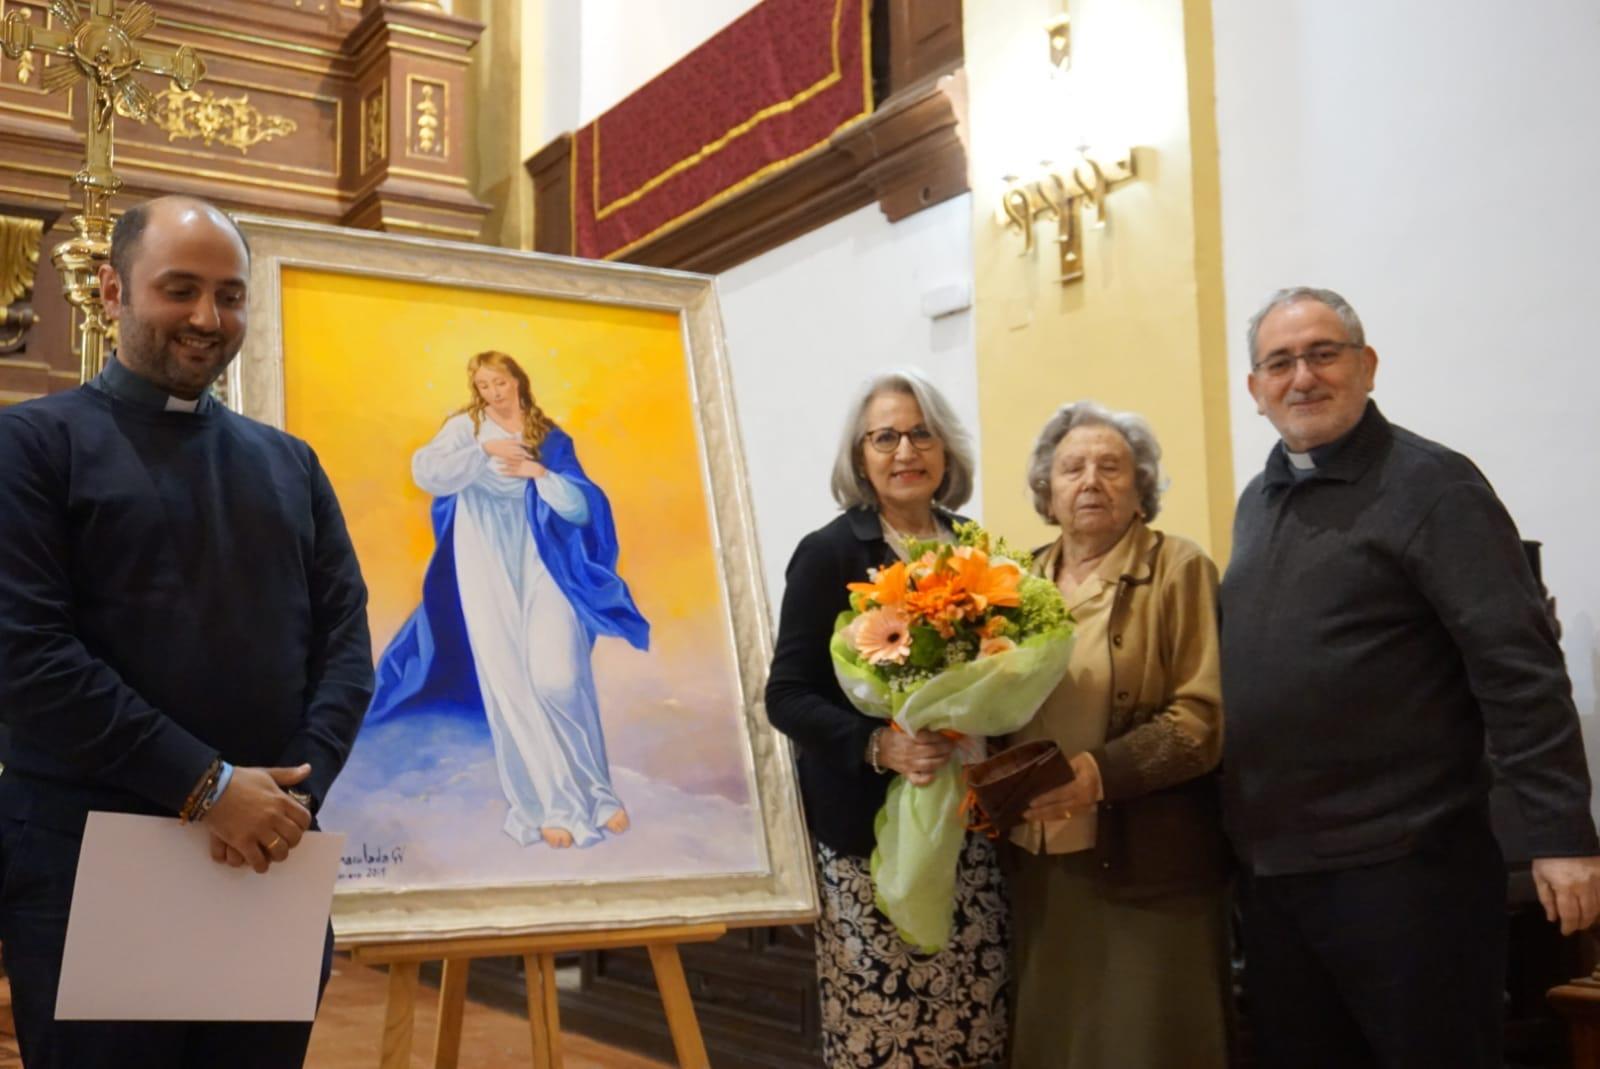 La pintora Inmaculada García dona un cuadro de temática inmaculista a la parroquia 8